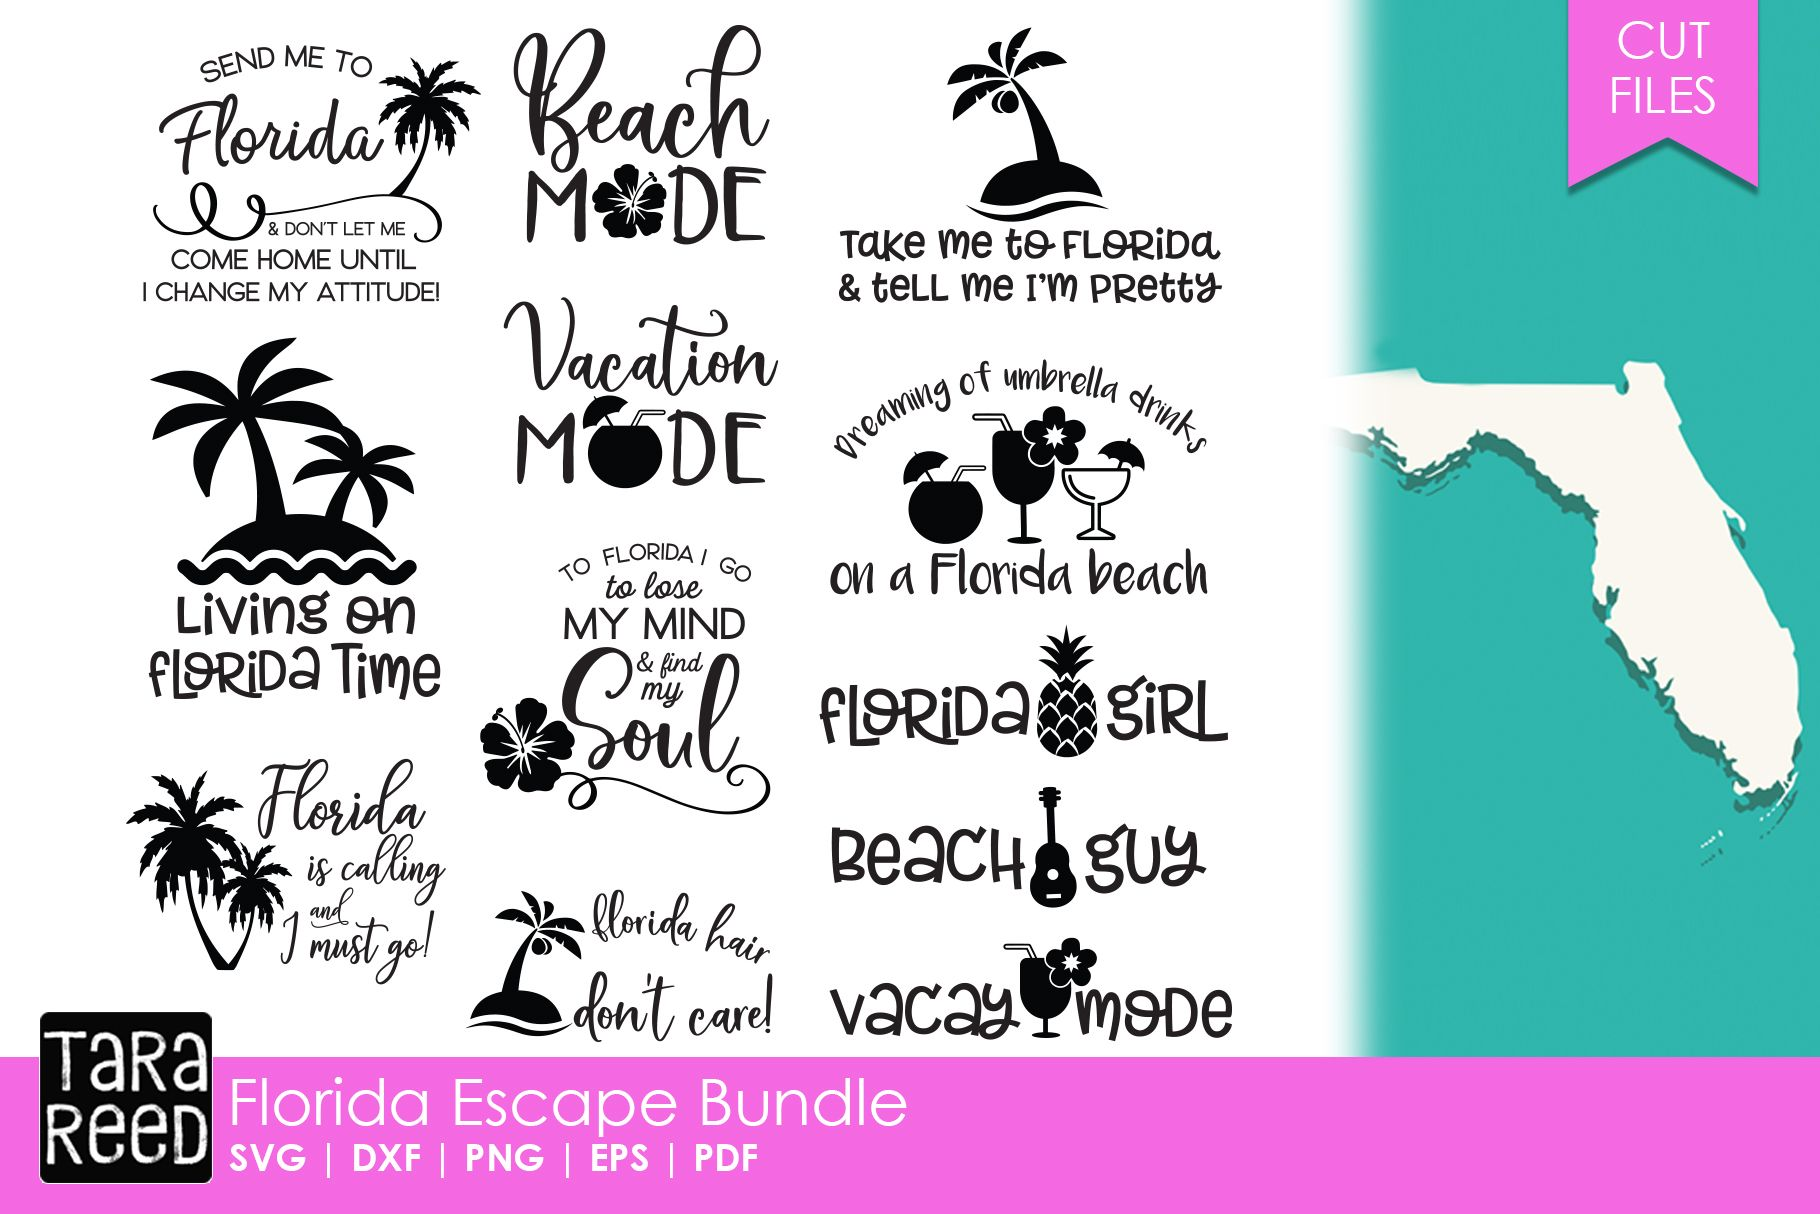 Florida Escape Bundle With Images Florida Escapes Florida